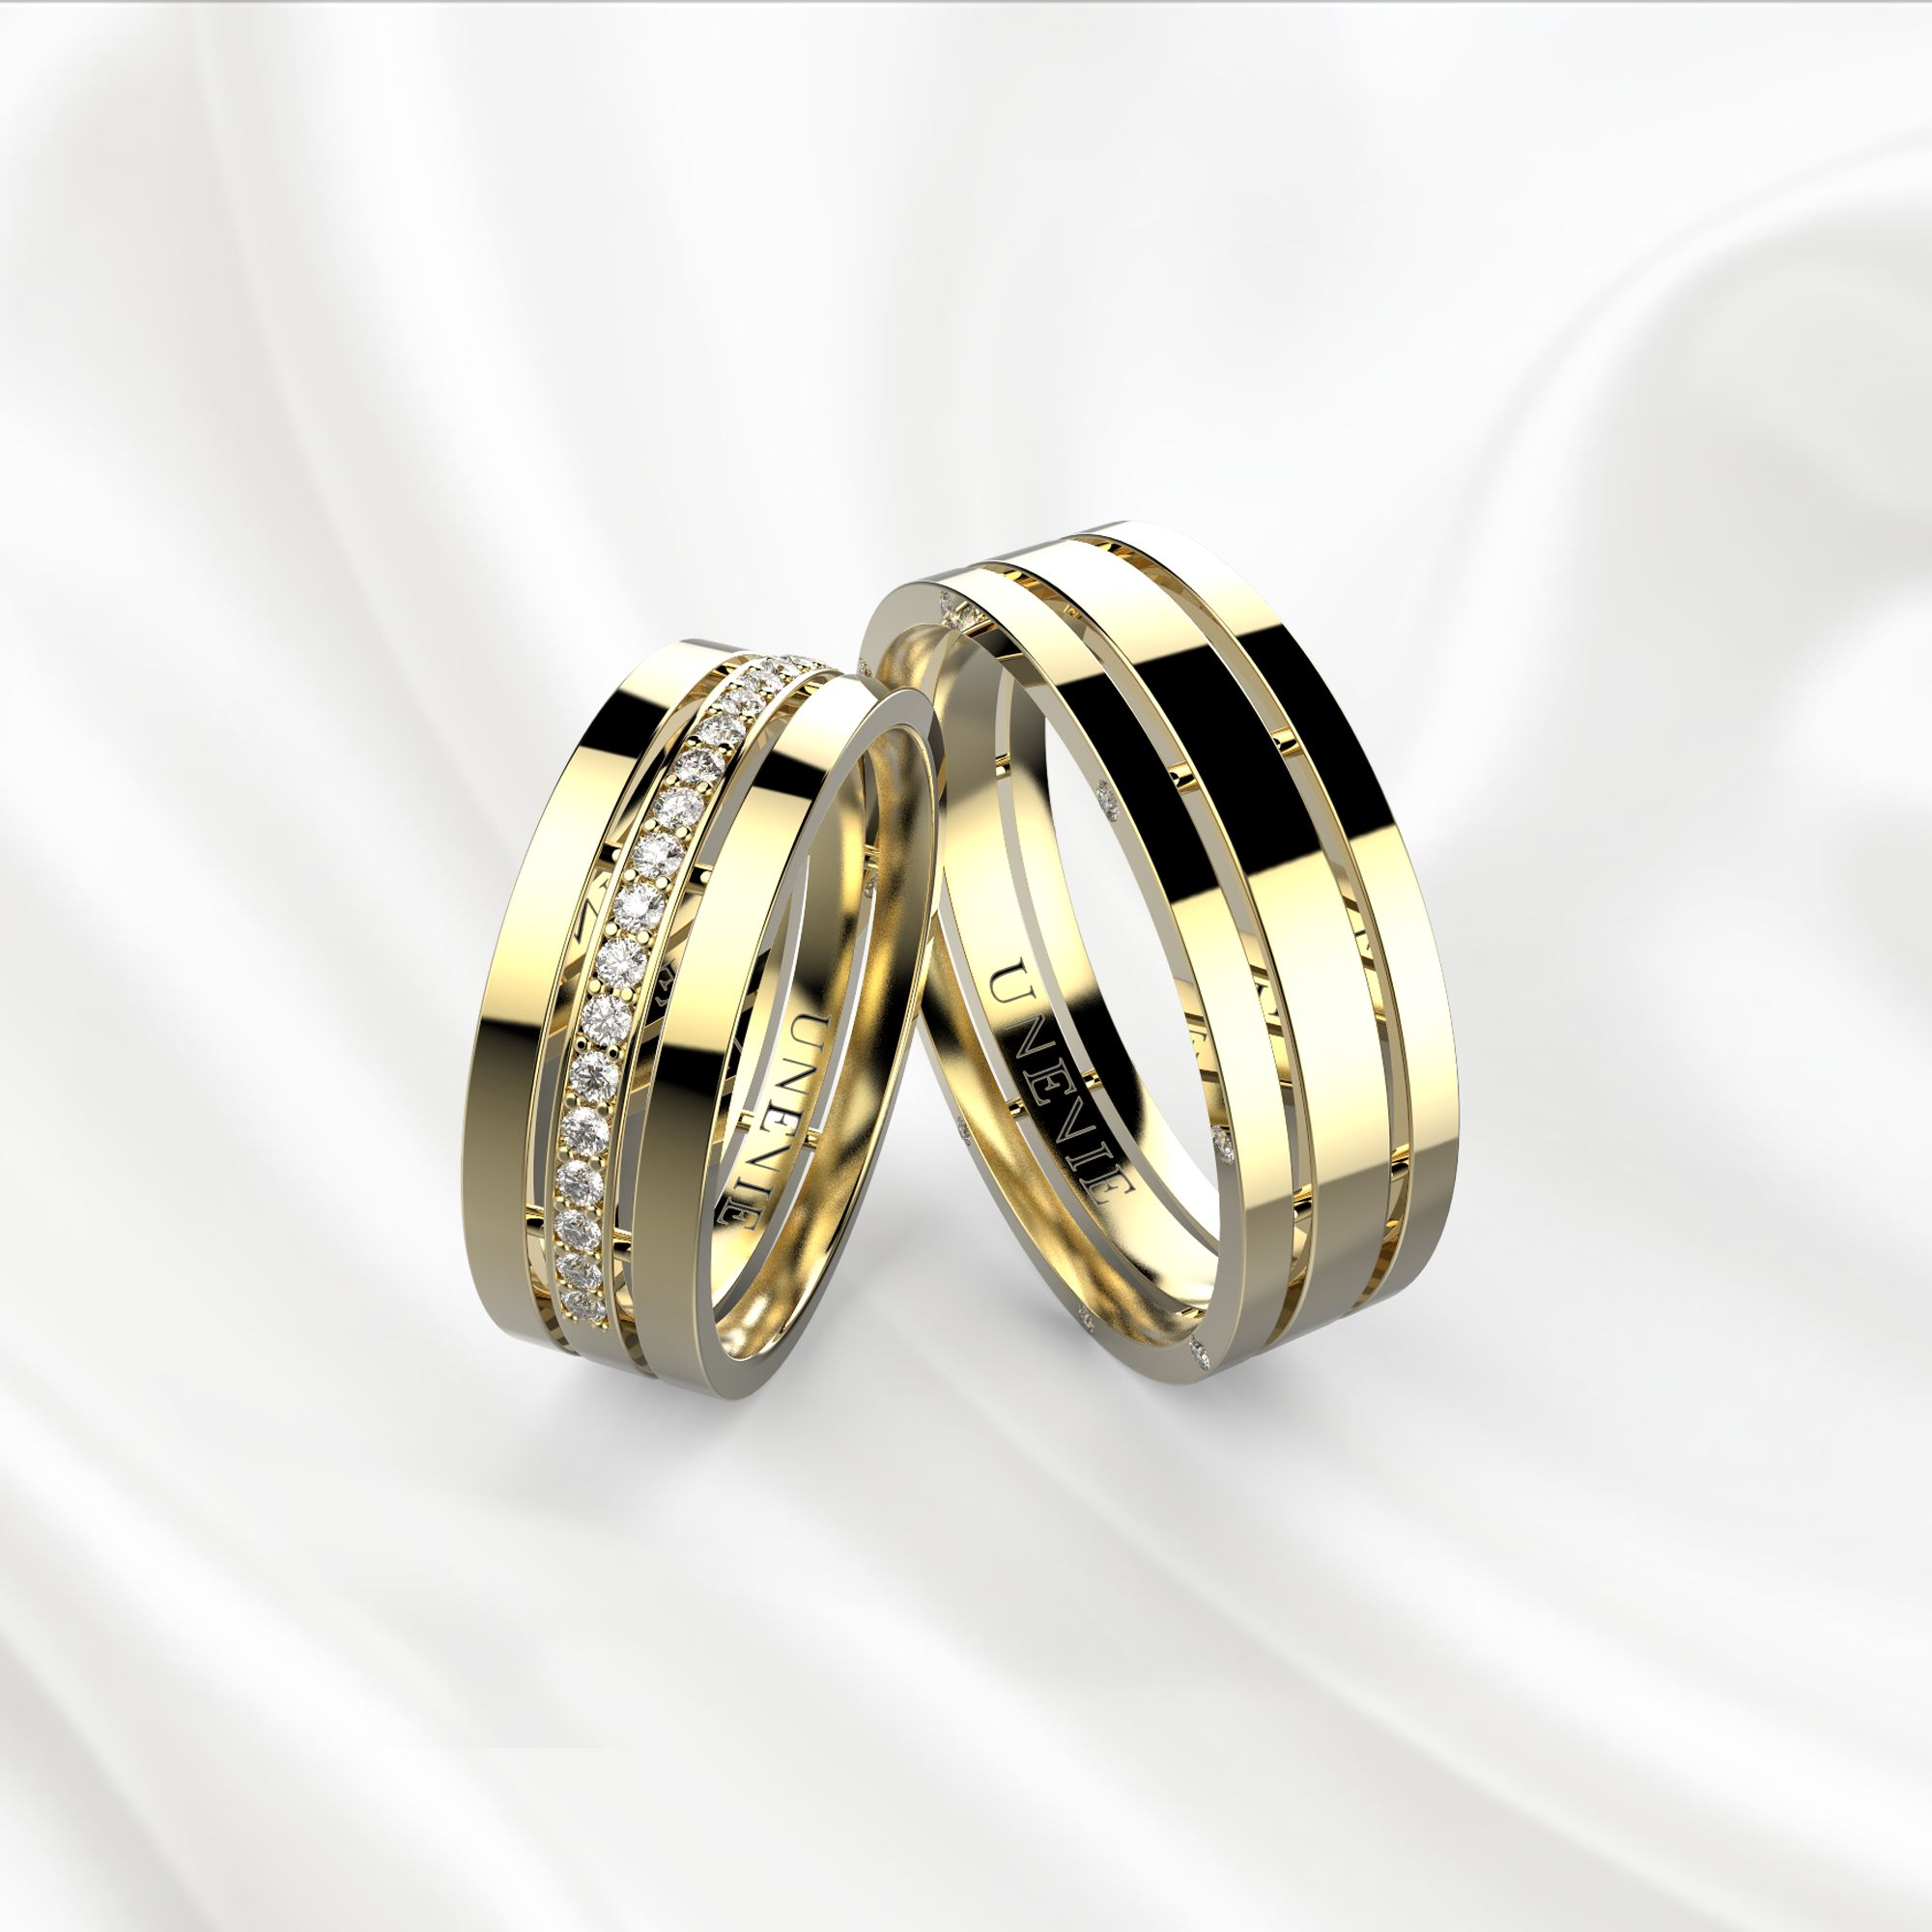 NV12 Обручальные кольца из желтого золота